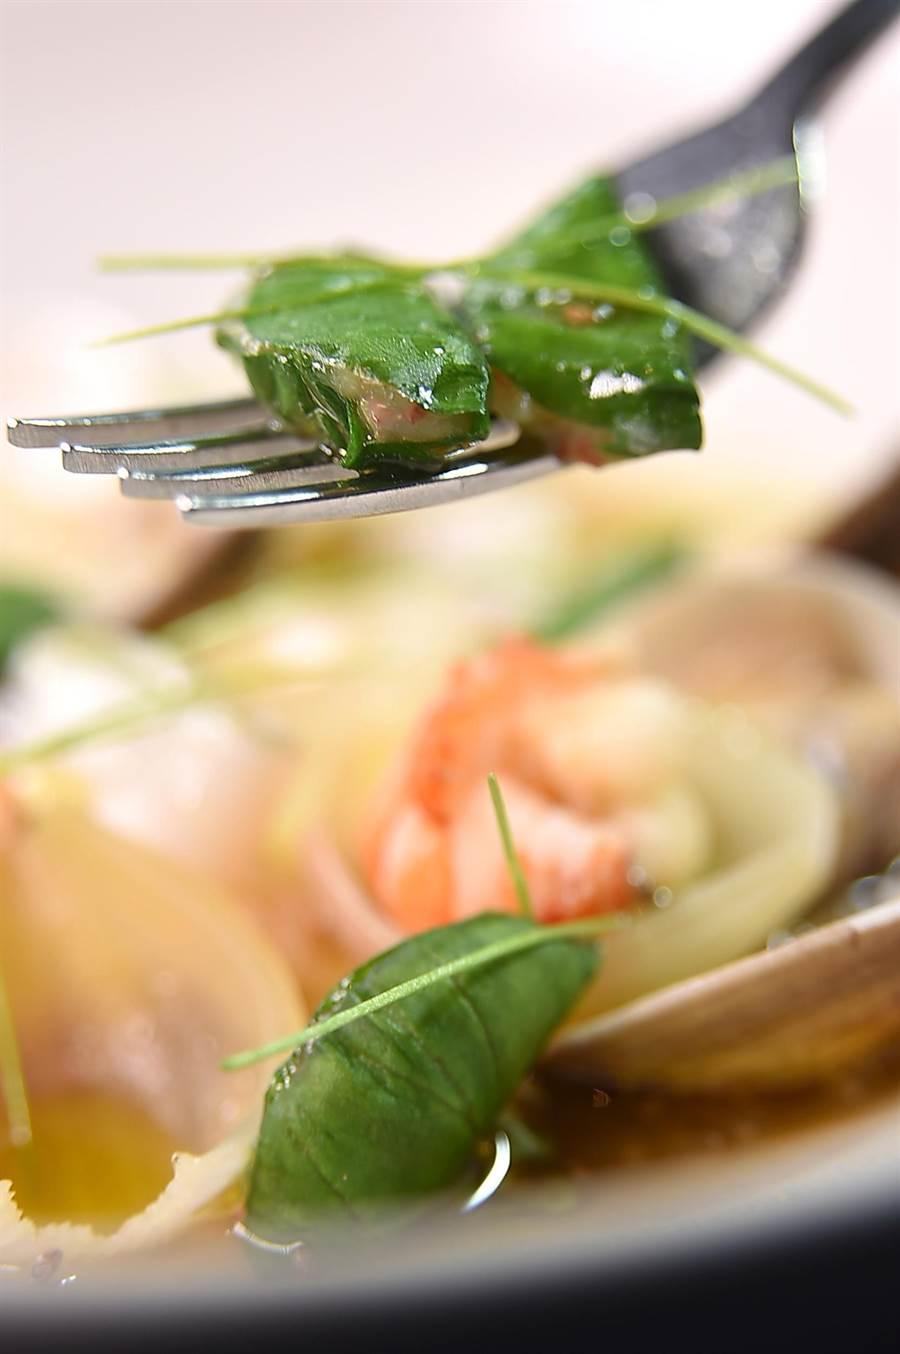 江振誠和Alain黃以倫演繹的菜餚,用「無所不在的細節」精準傳達台灣味。猜猜,圖中葉子裡包的是什麼餡?(圖/姚舜)